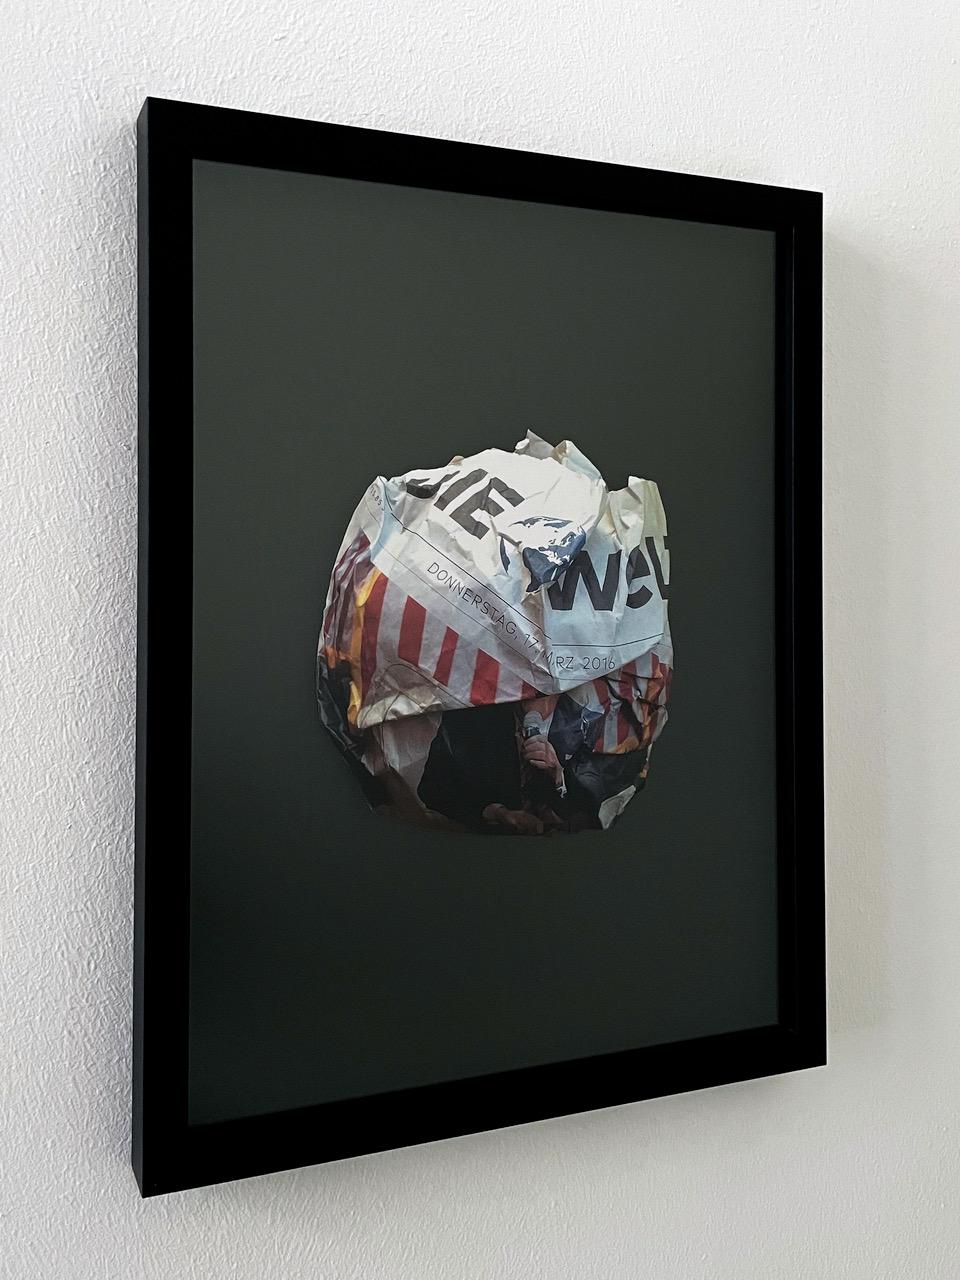 Eventbild für Jonas Hohnke, Gan-Erdene Tsend u.a. /// Live BENEFIZ – Auktion /// 15 Jahre 701 e.V. – ein Grund zu fördern